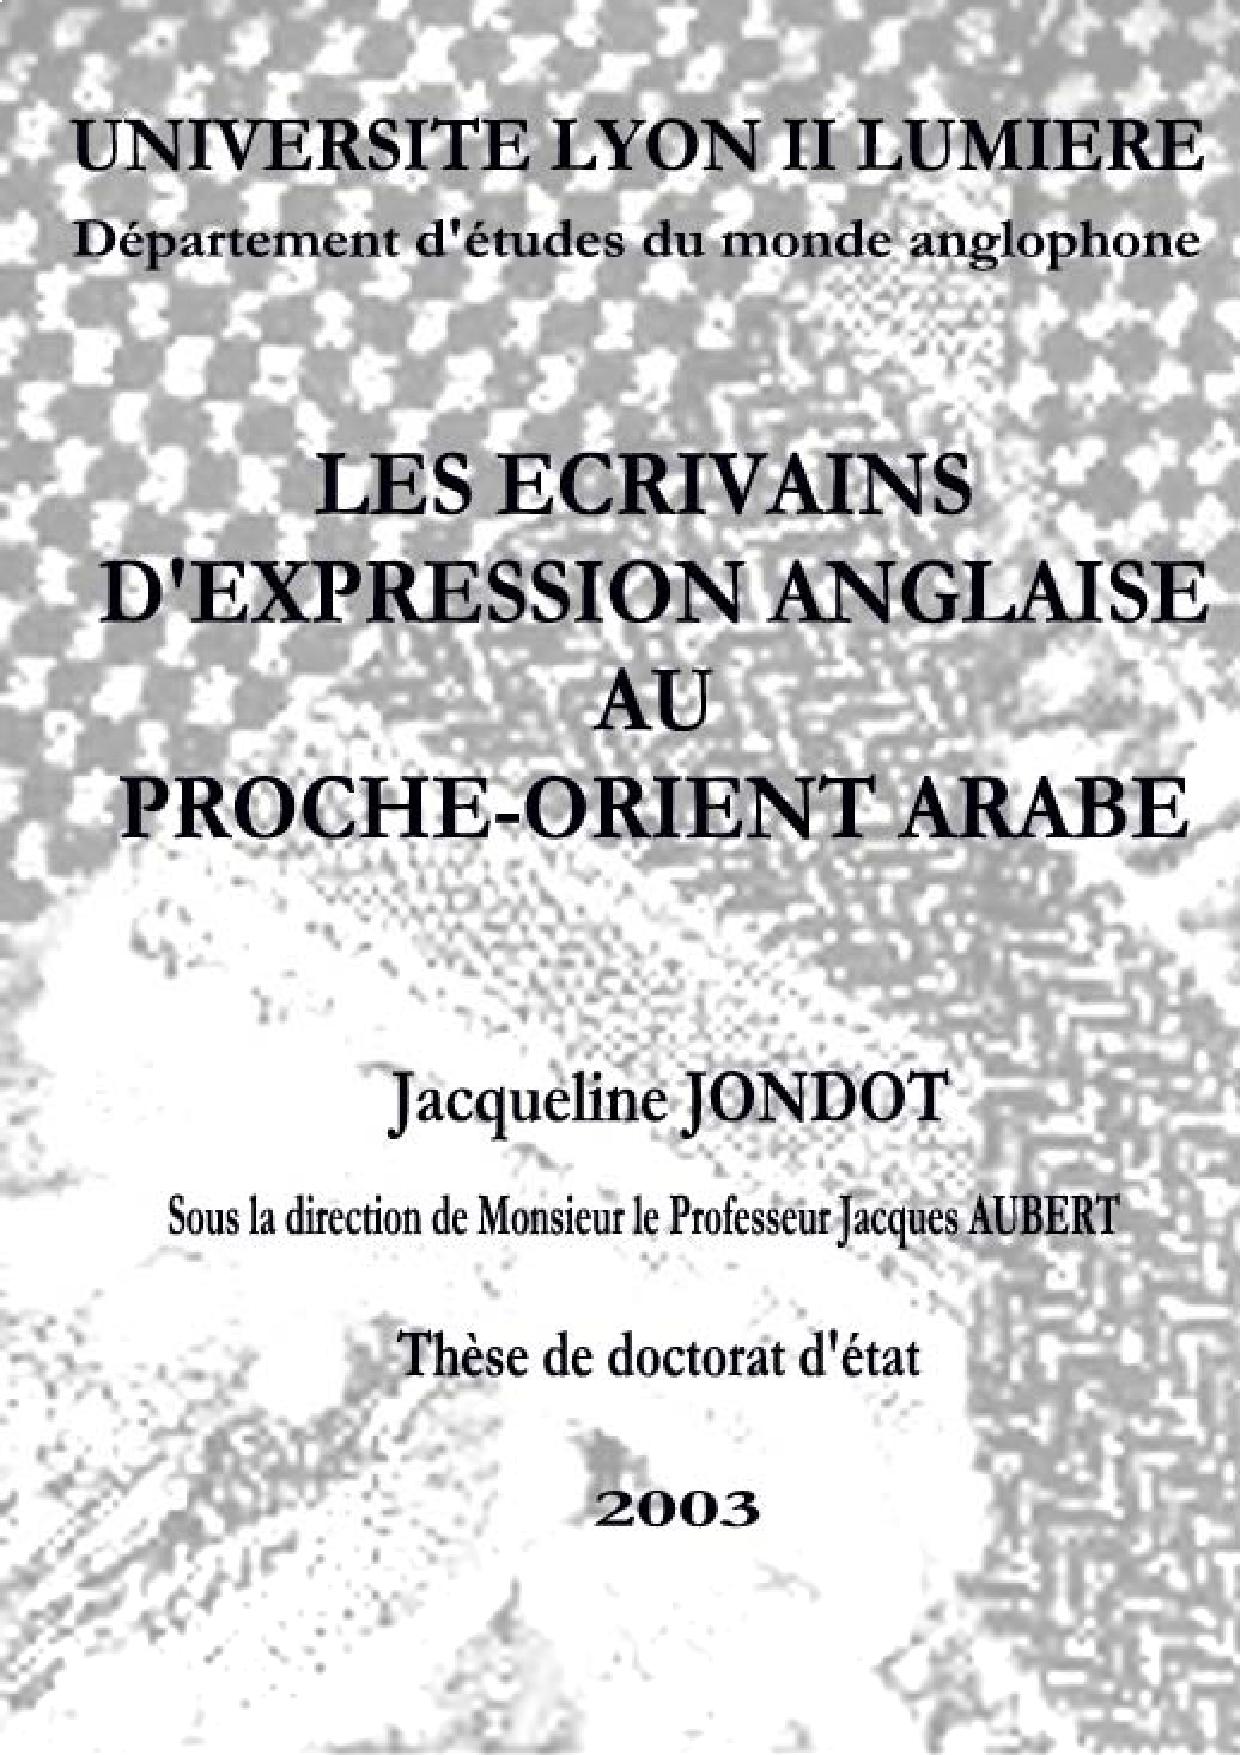 """Jacqueline Jondot, """"Les écrivains d'expression anglaise au Proche-Orient arabe"""", Université Lyon II Lumière, Lyon (France), 2003."""